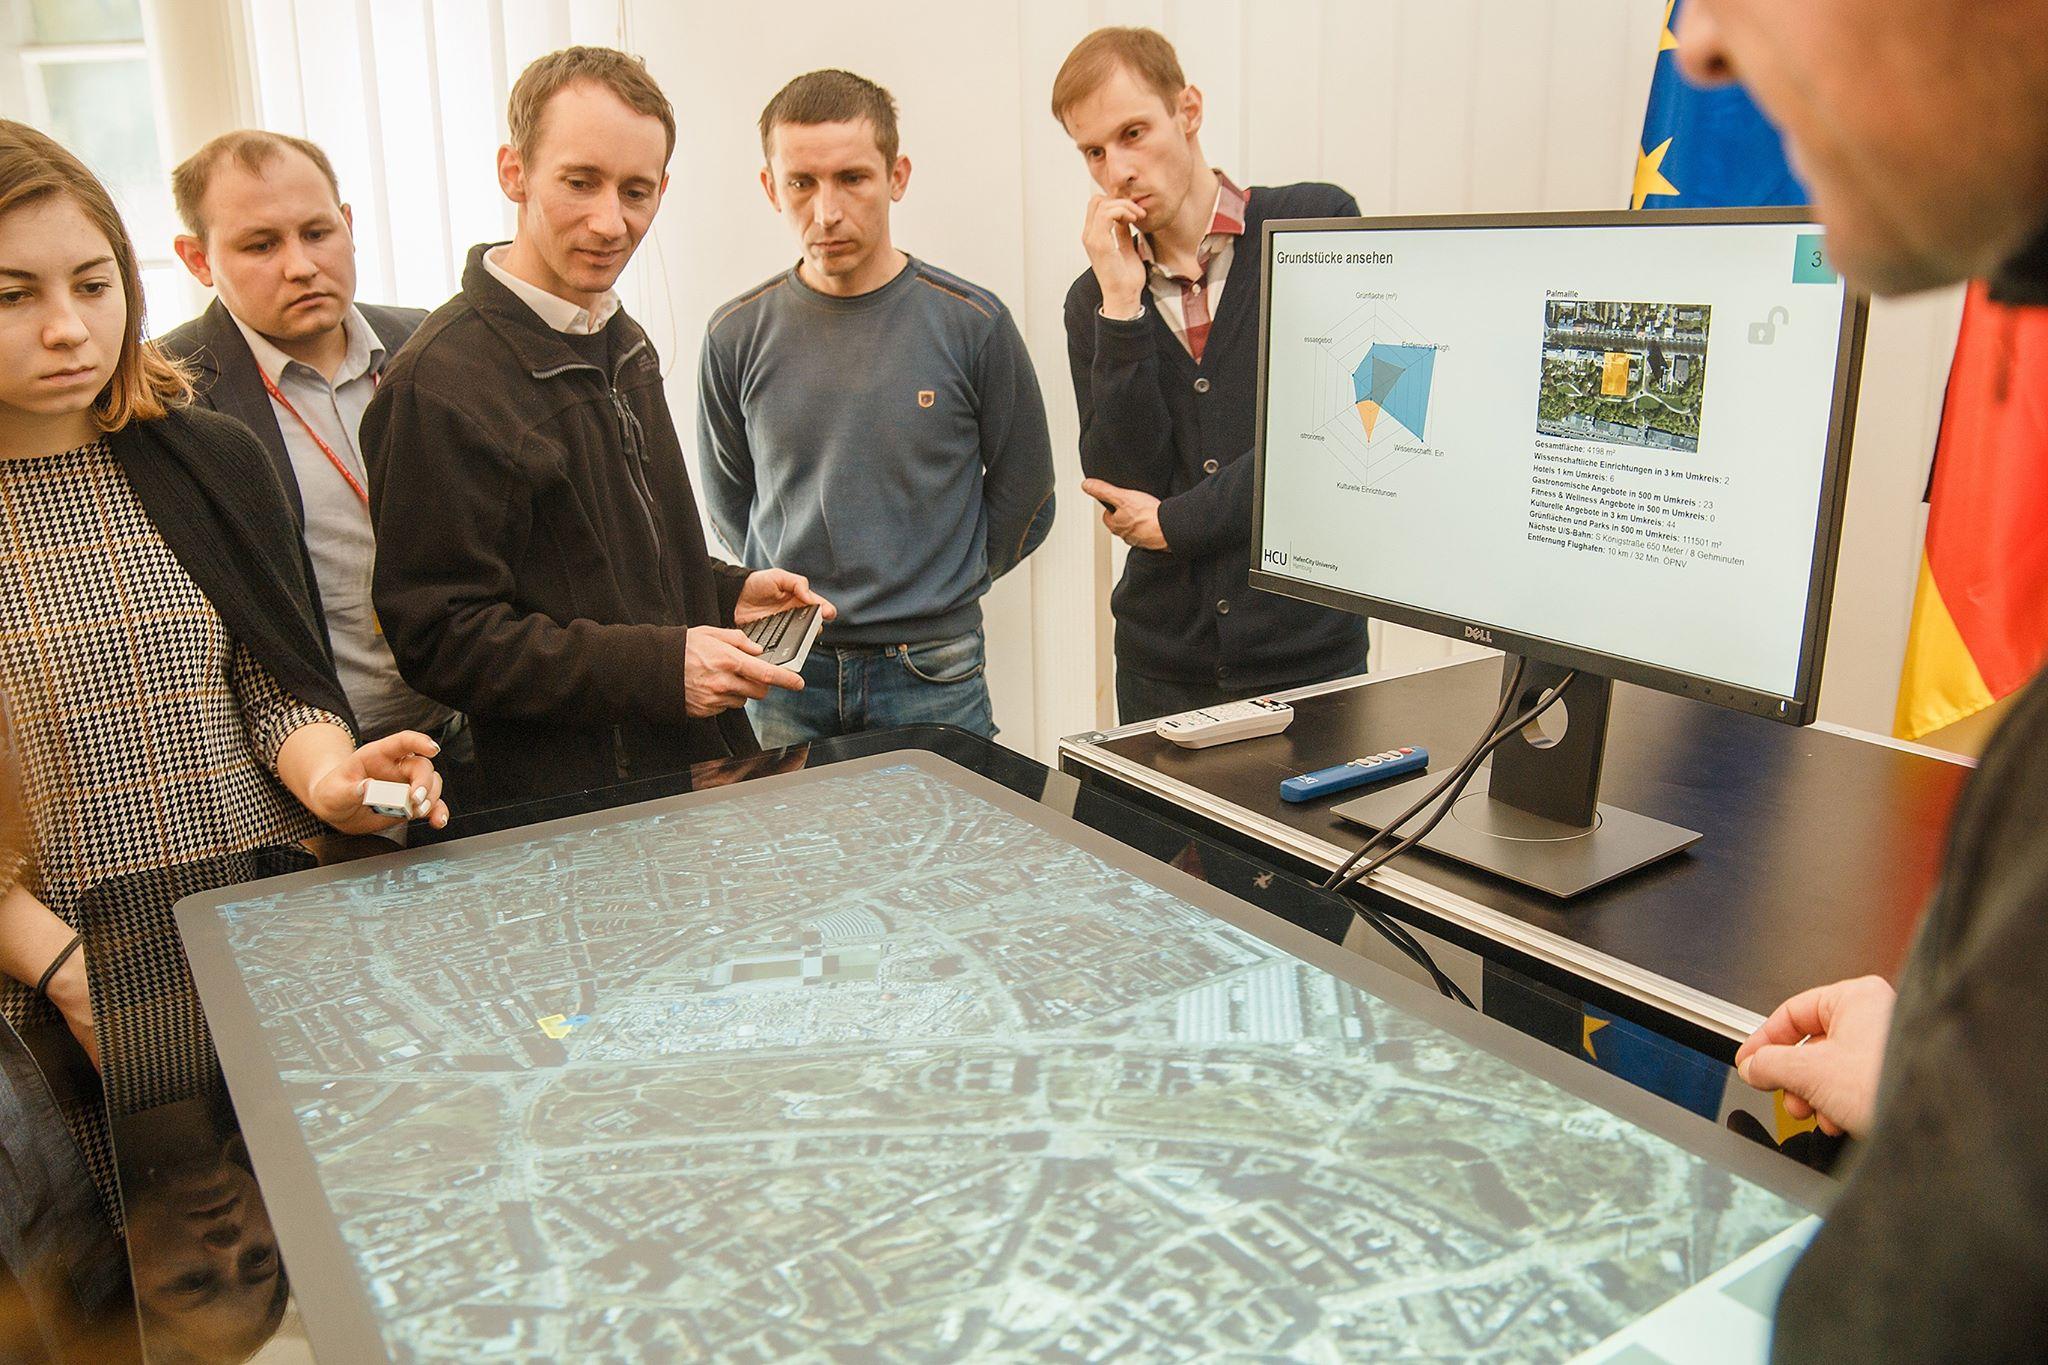 Ділянку під будівництво обере штучний інтелект: у Вінниці презентували City Scopes. ФОТО